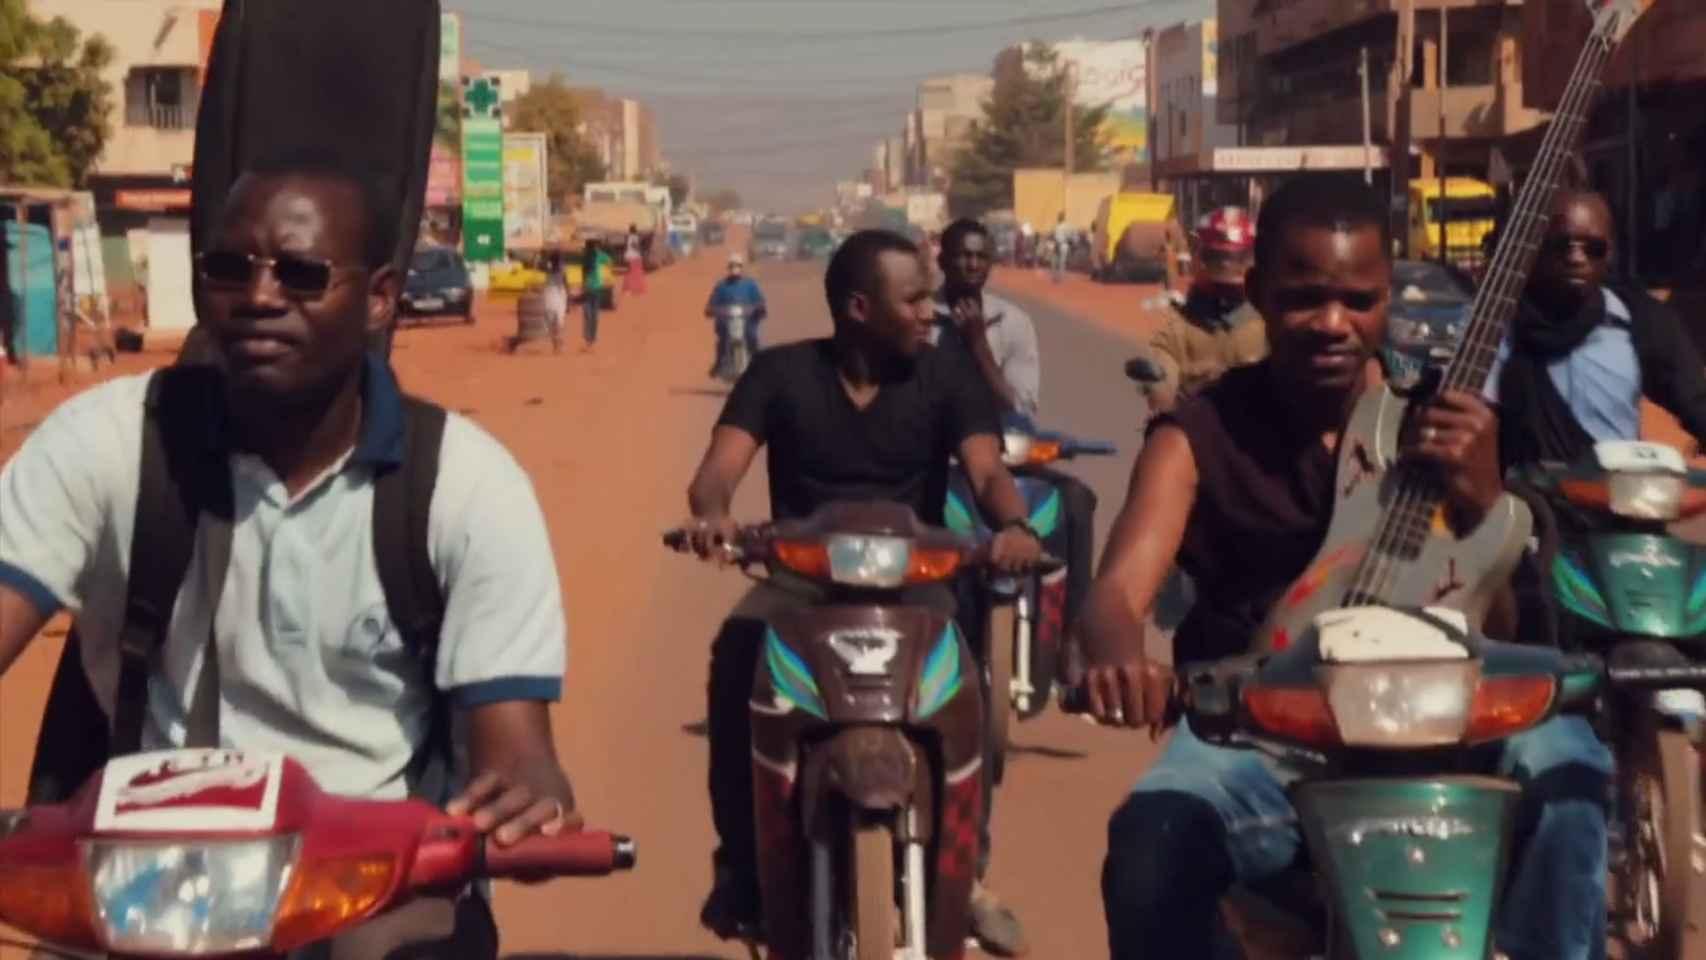 Los Songhoy Blues, en sus motos por Bamako.